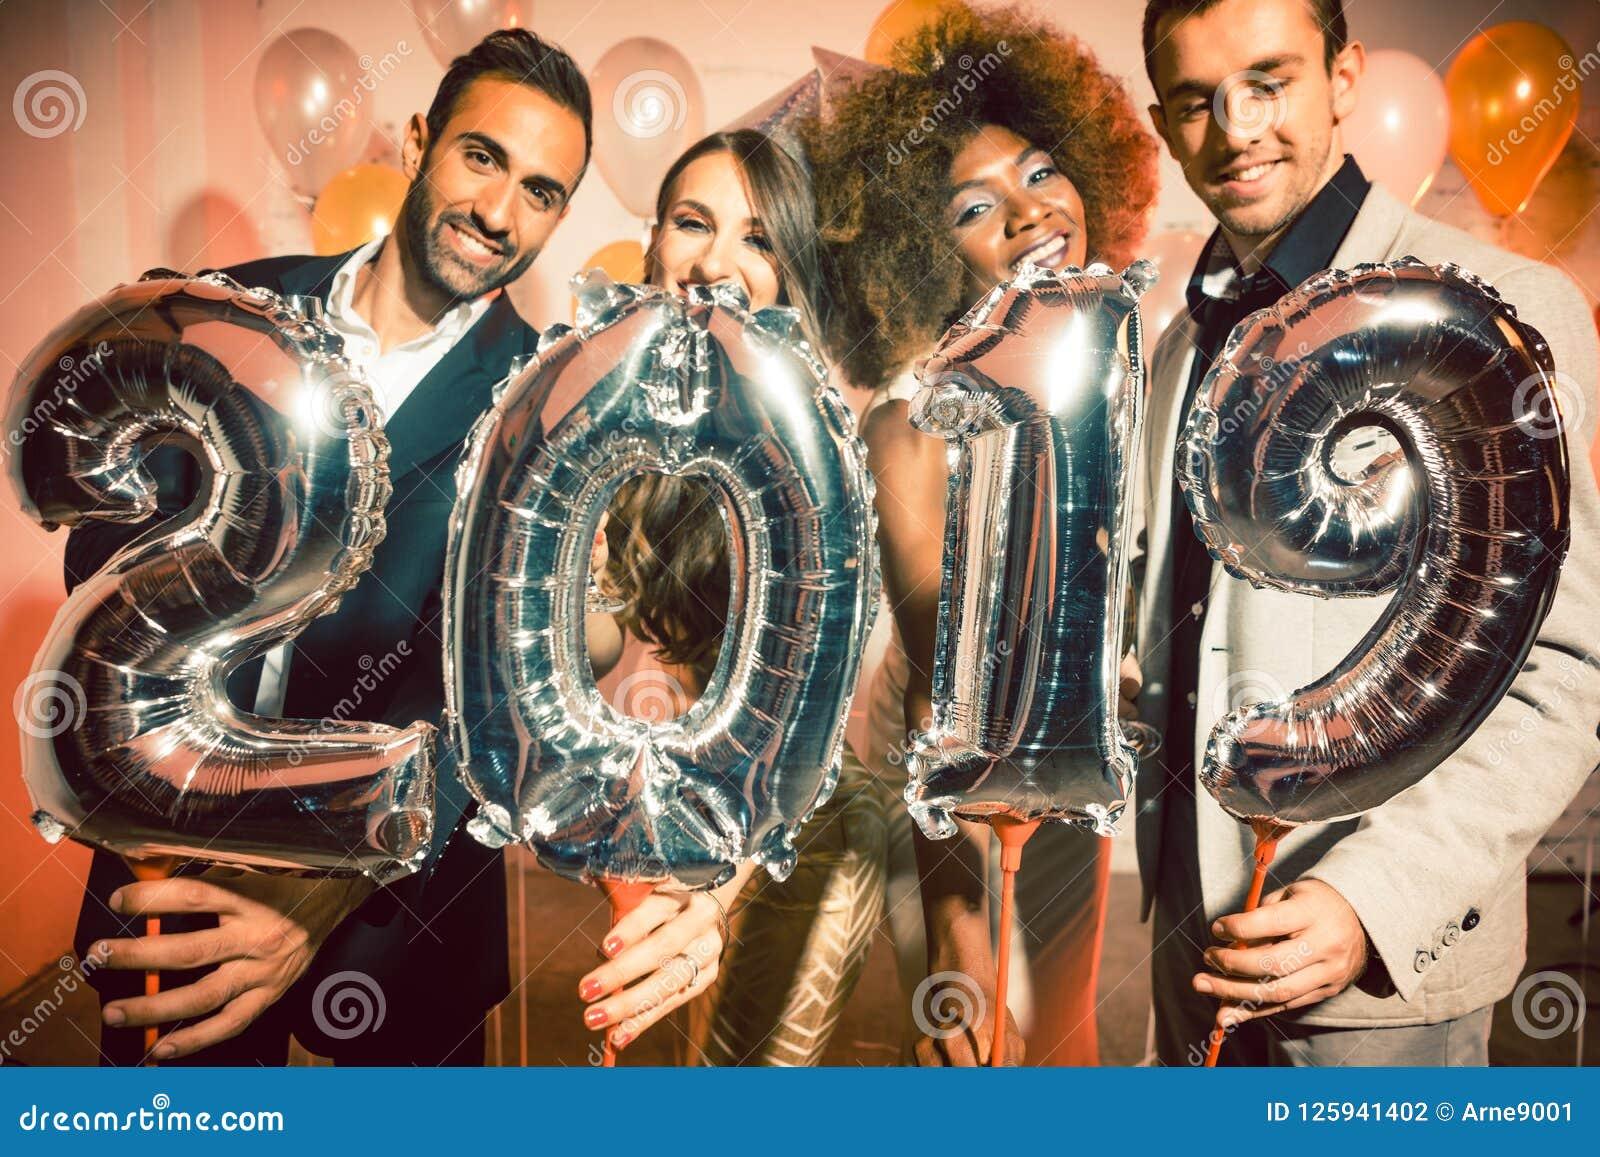 Γυναίκες και άνδρες ανθρώπων κόμματος που γιορτάζουν τη νέα παραμονή 2019 ετών